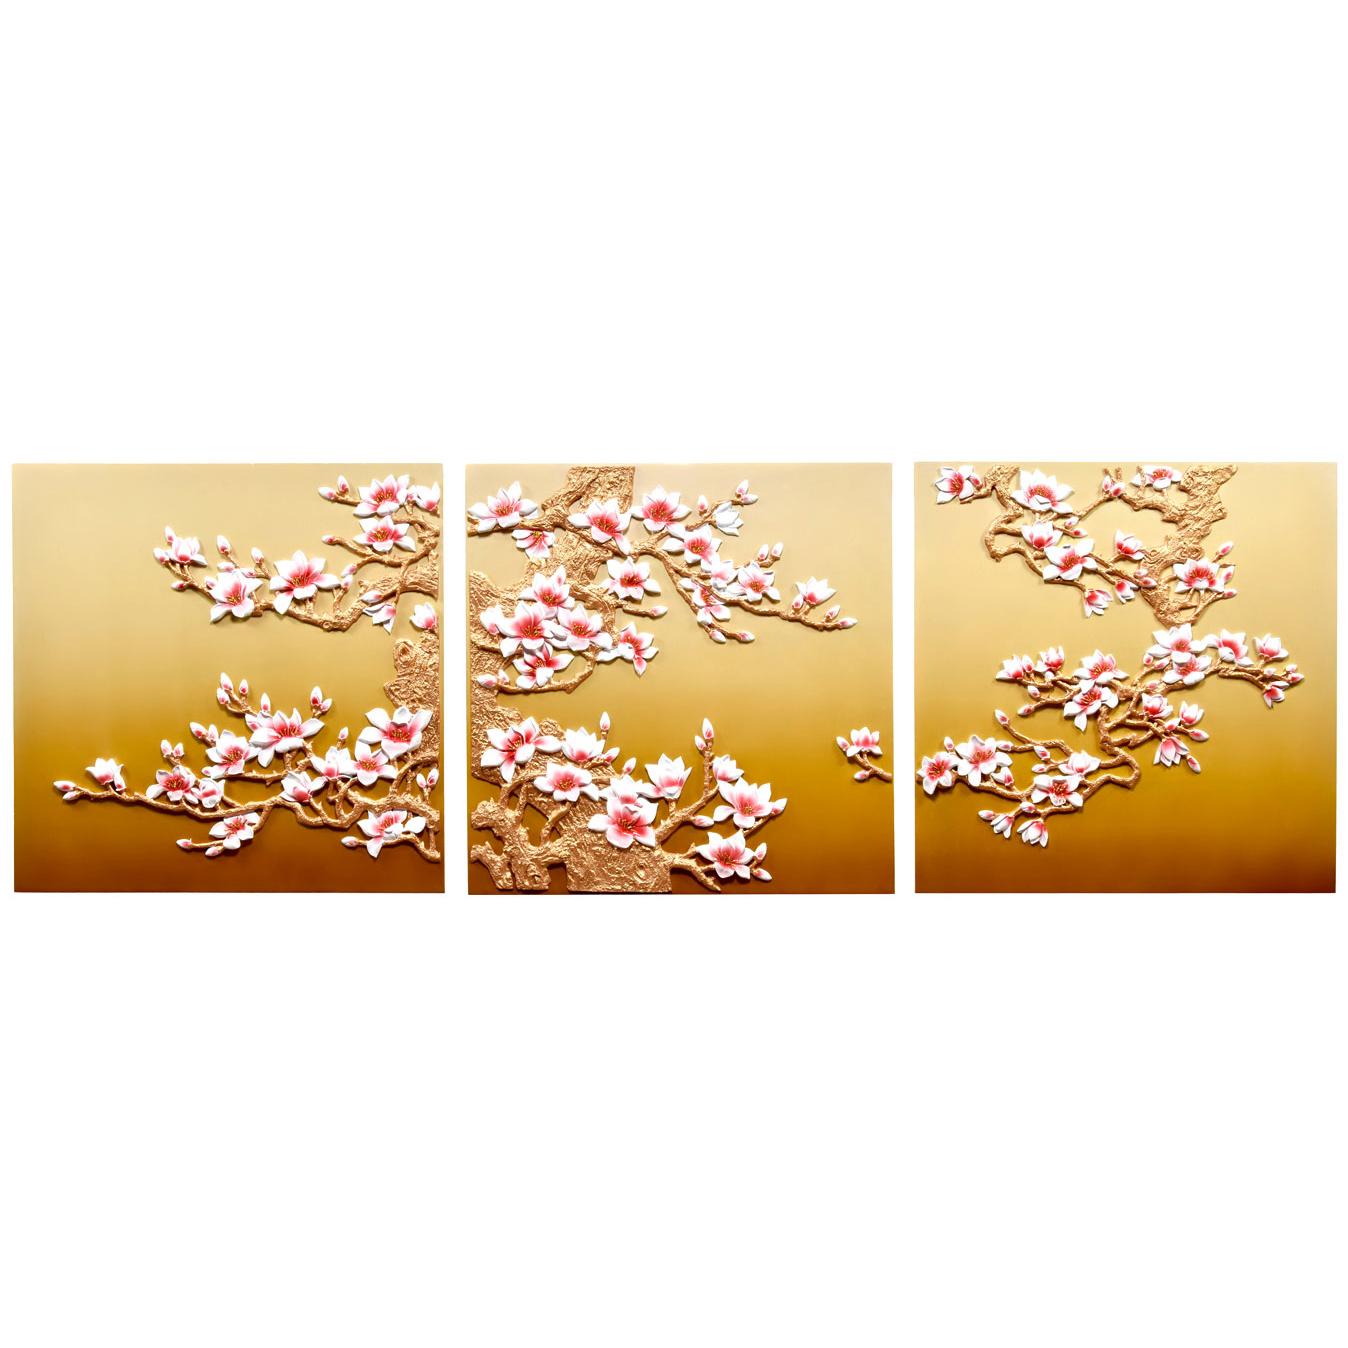 تابلو سه تکه دکوراد مدل درخت شکوفه